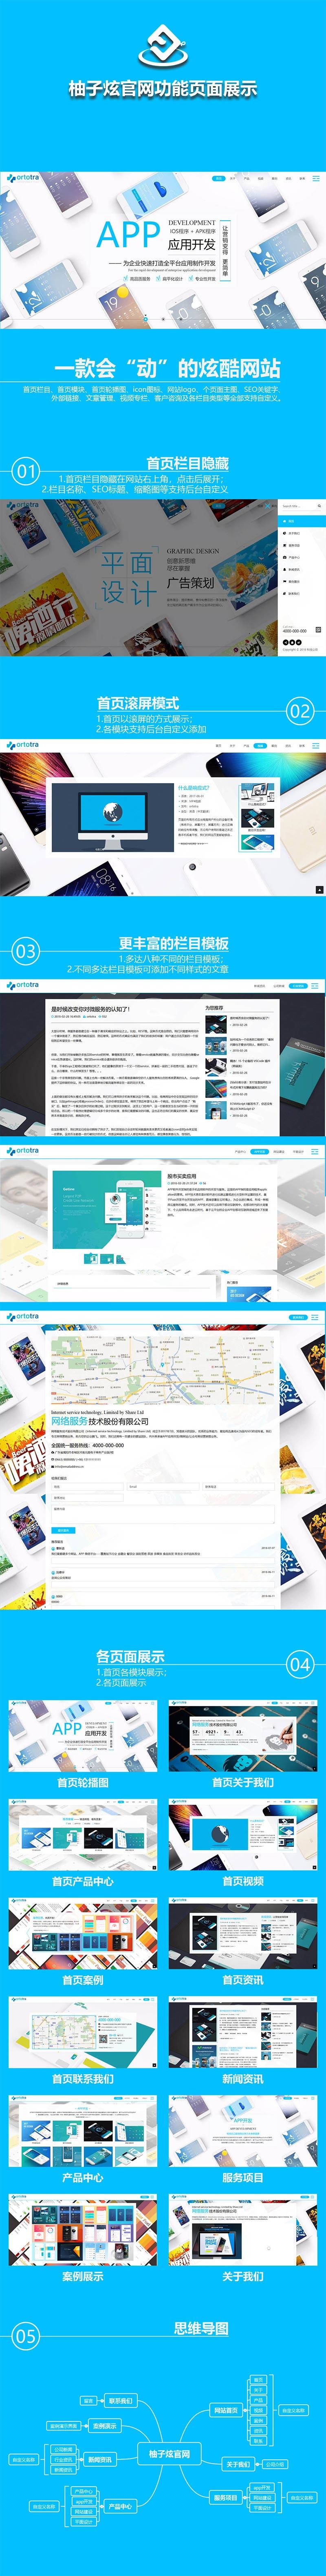 柚子企业官网V1.0.3 PC企业官网 微擎企业官网 响应式案例展示官网 PC手机自适应